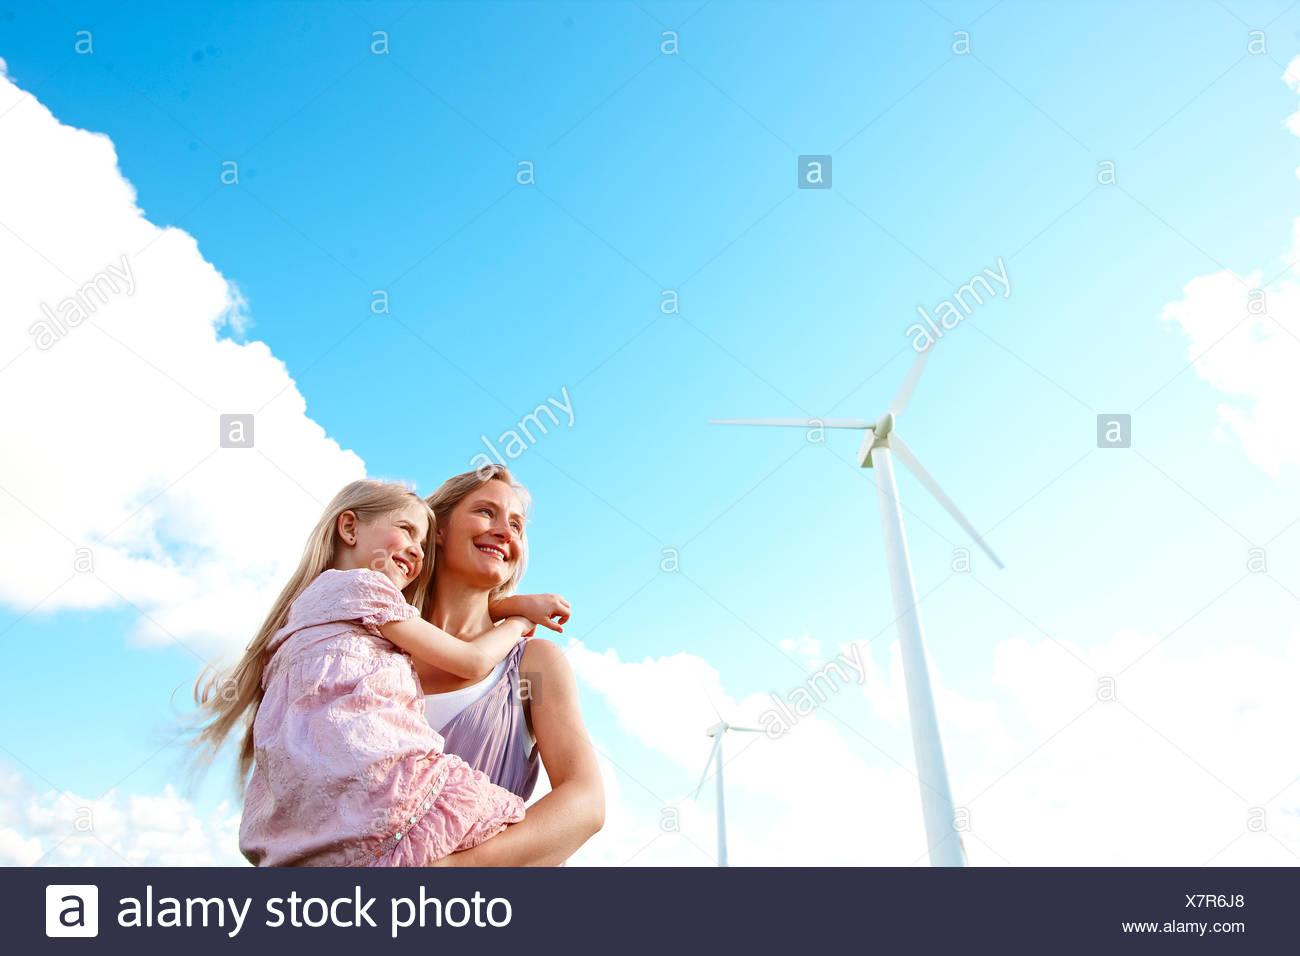 Mutter und Tochter bei Windkraftanlage Stockbild